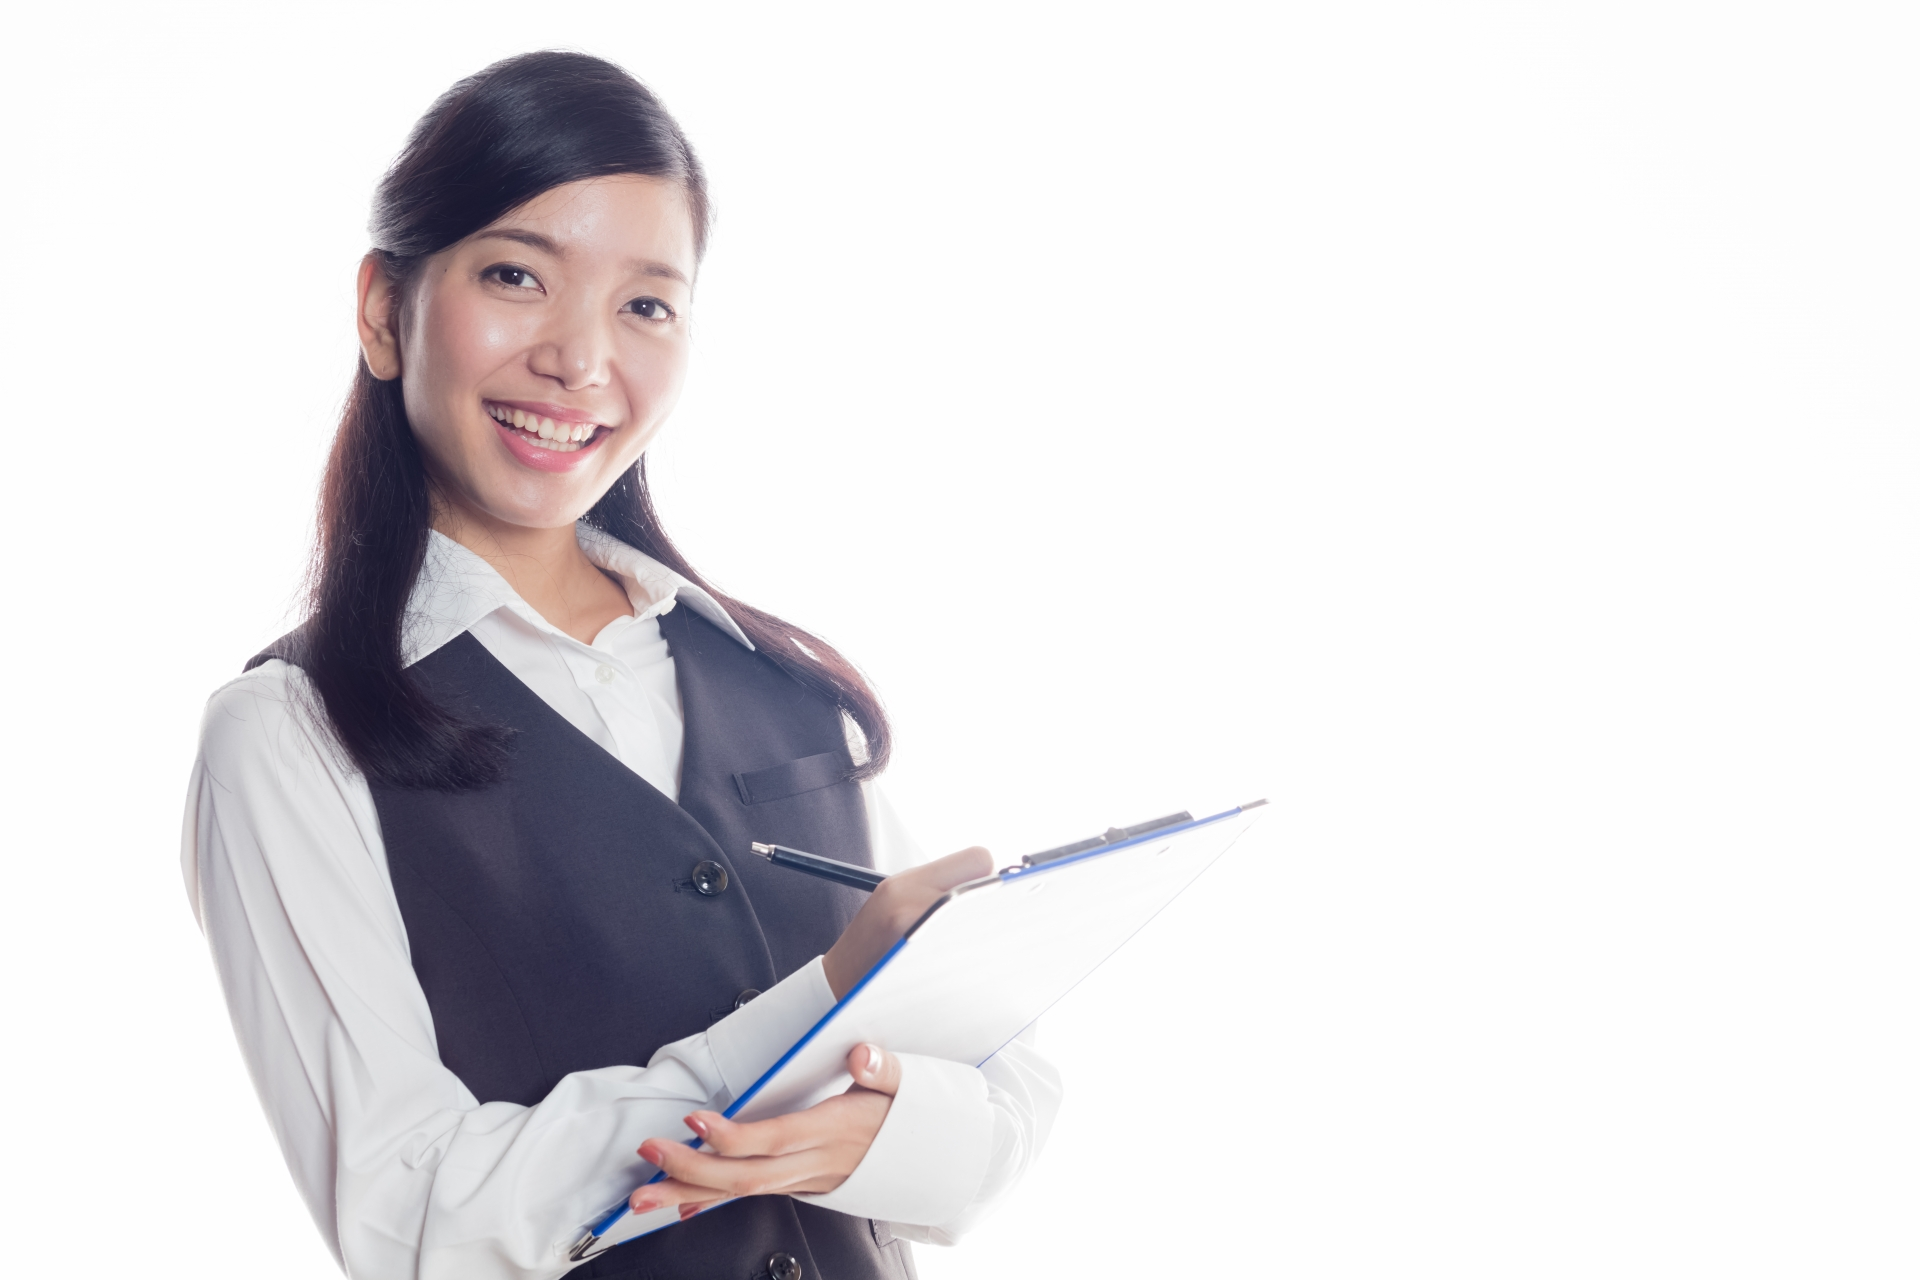 医療秘書の大変な仕事内容とは?必要なスキルについて詳しく解説します